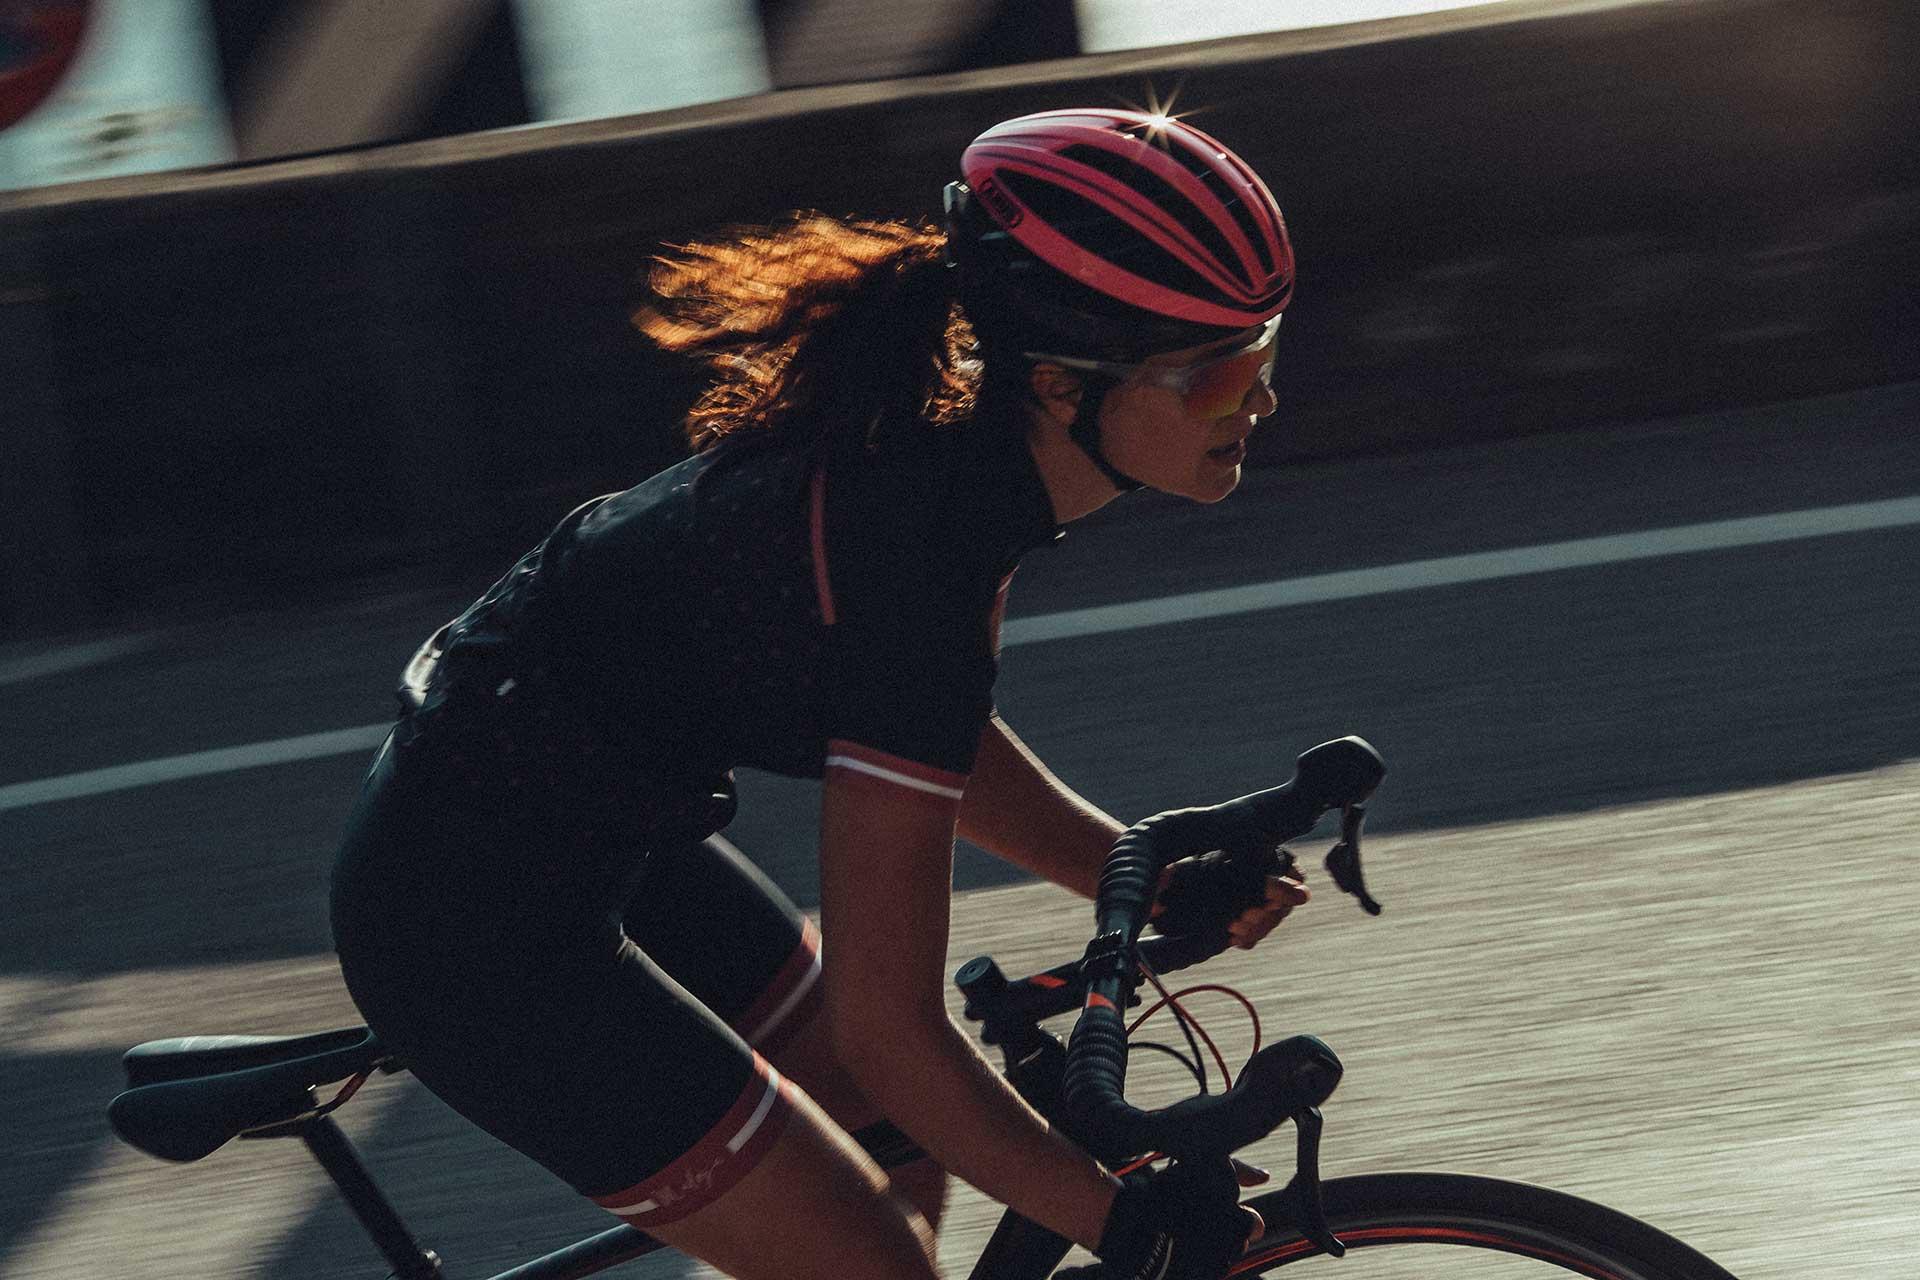 Sportfotograf Rennrad Abus Fahrrad Helm Berge Gardasee Hamburg Micherl Müller